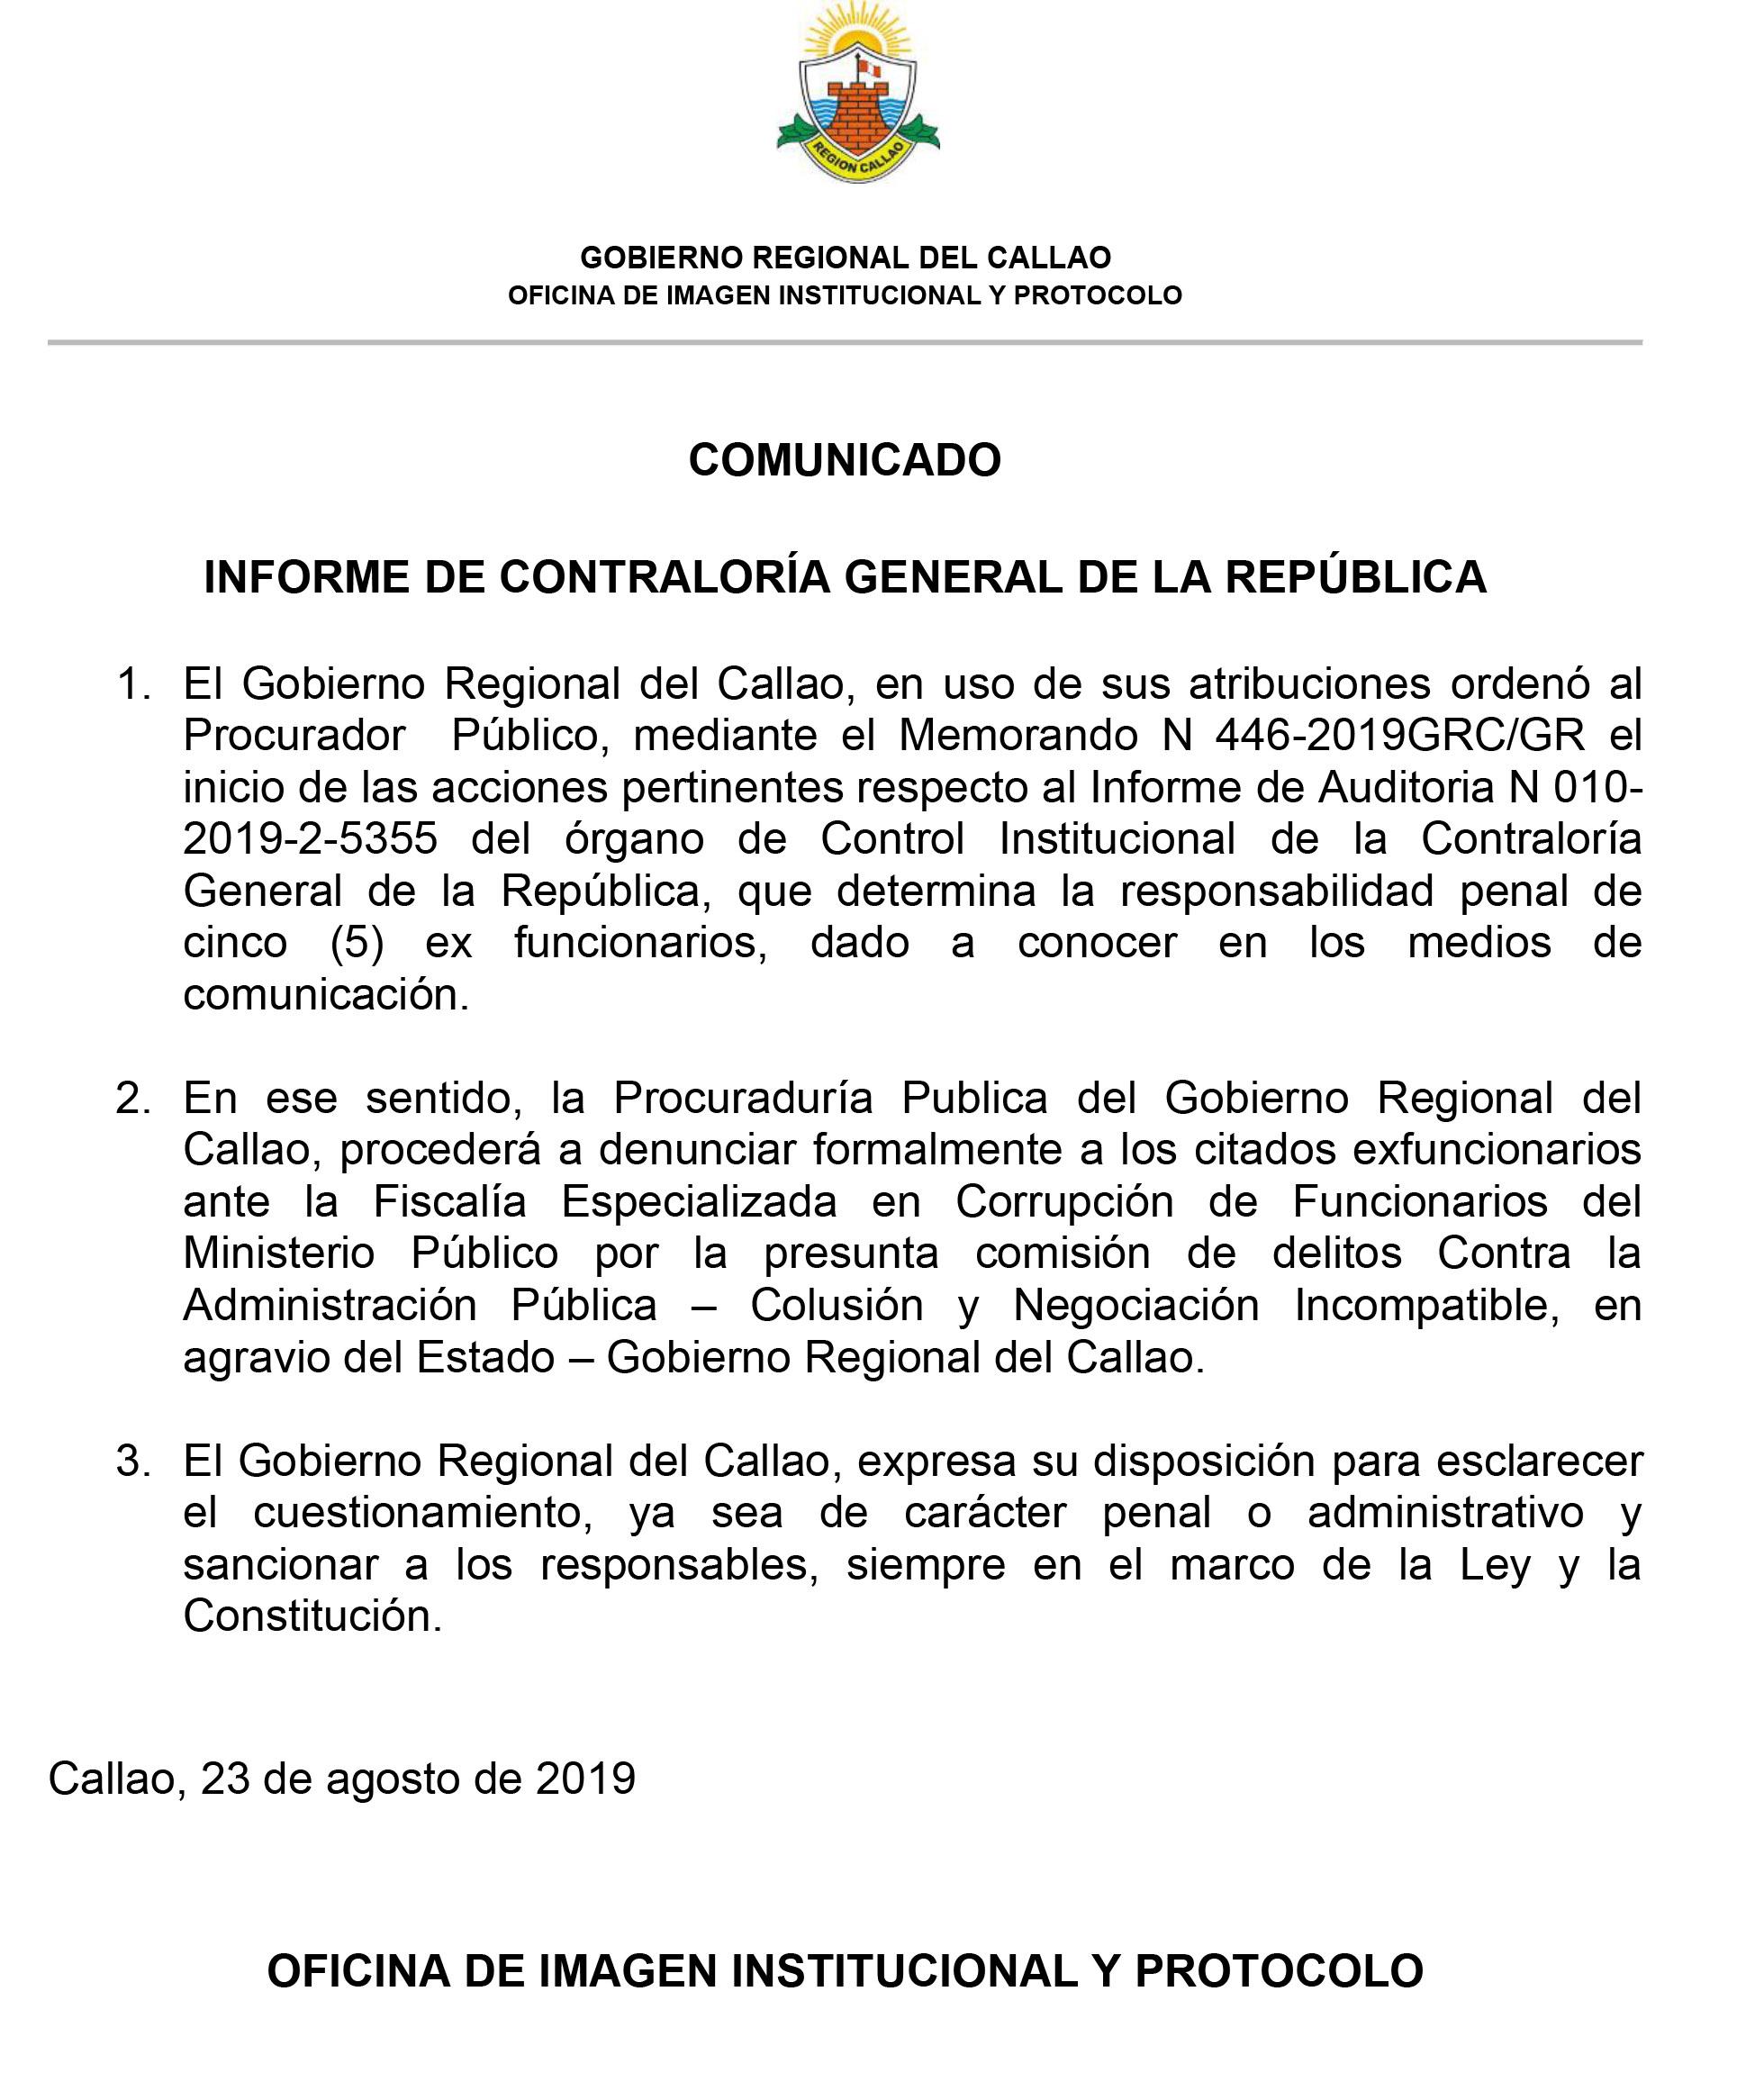 INFORME DE CONTRALORÍA GENERAL DE LA REPÚBLICA